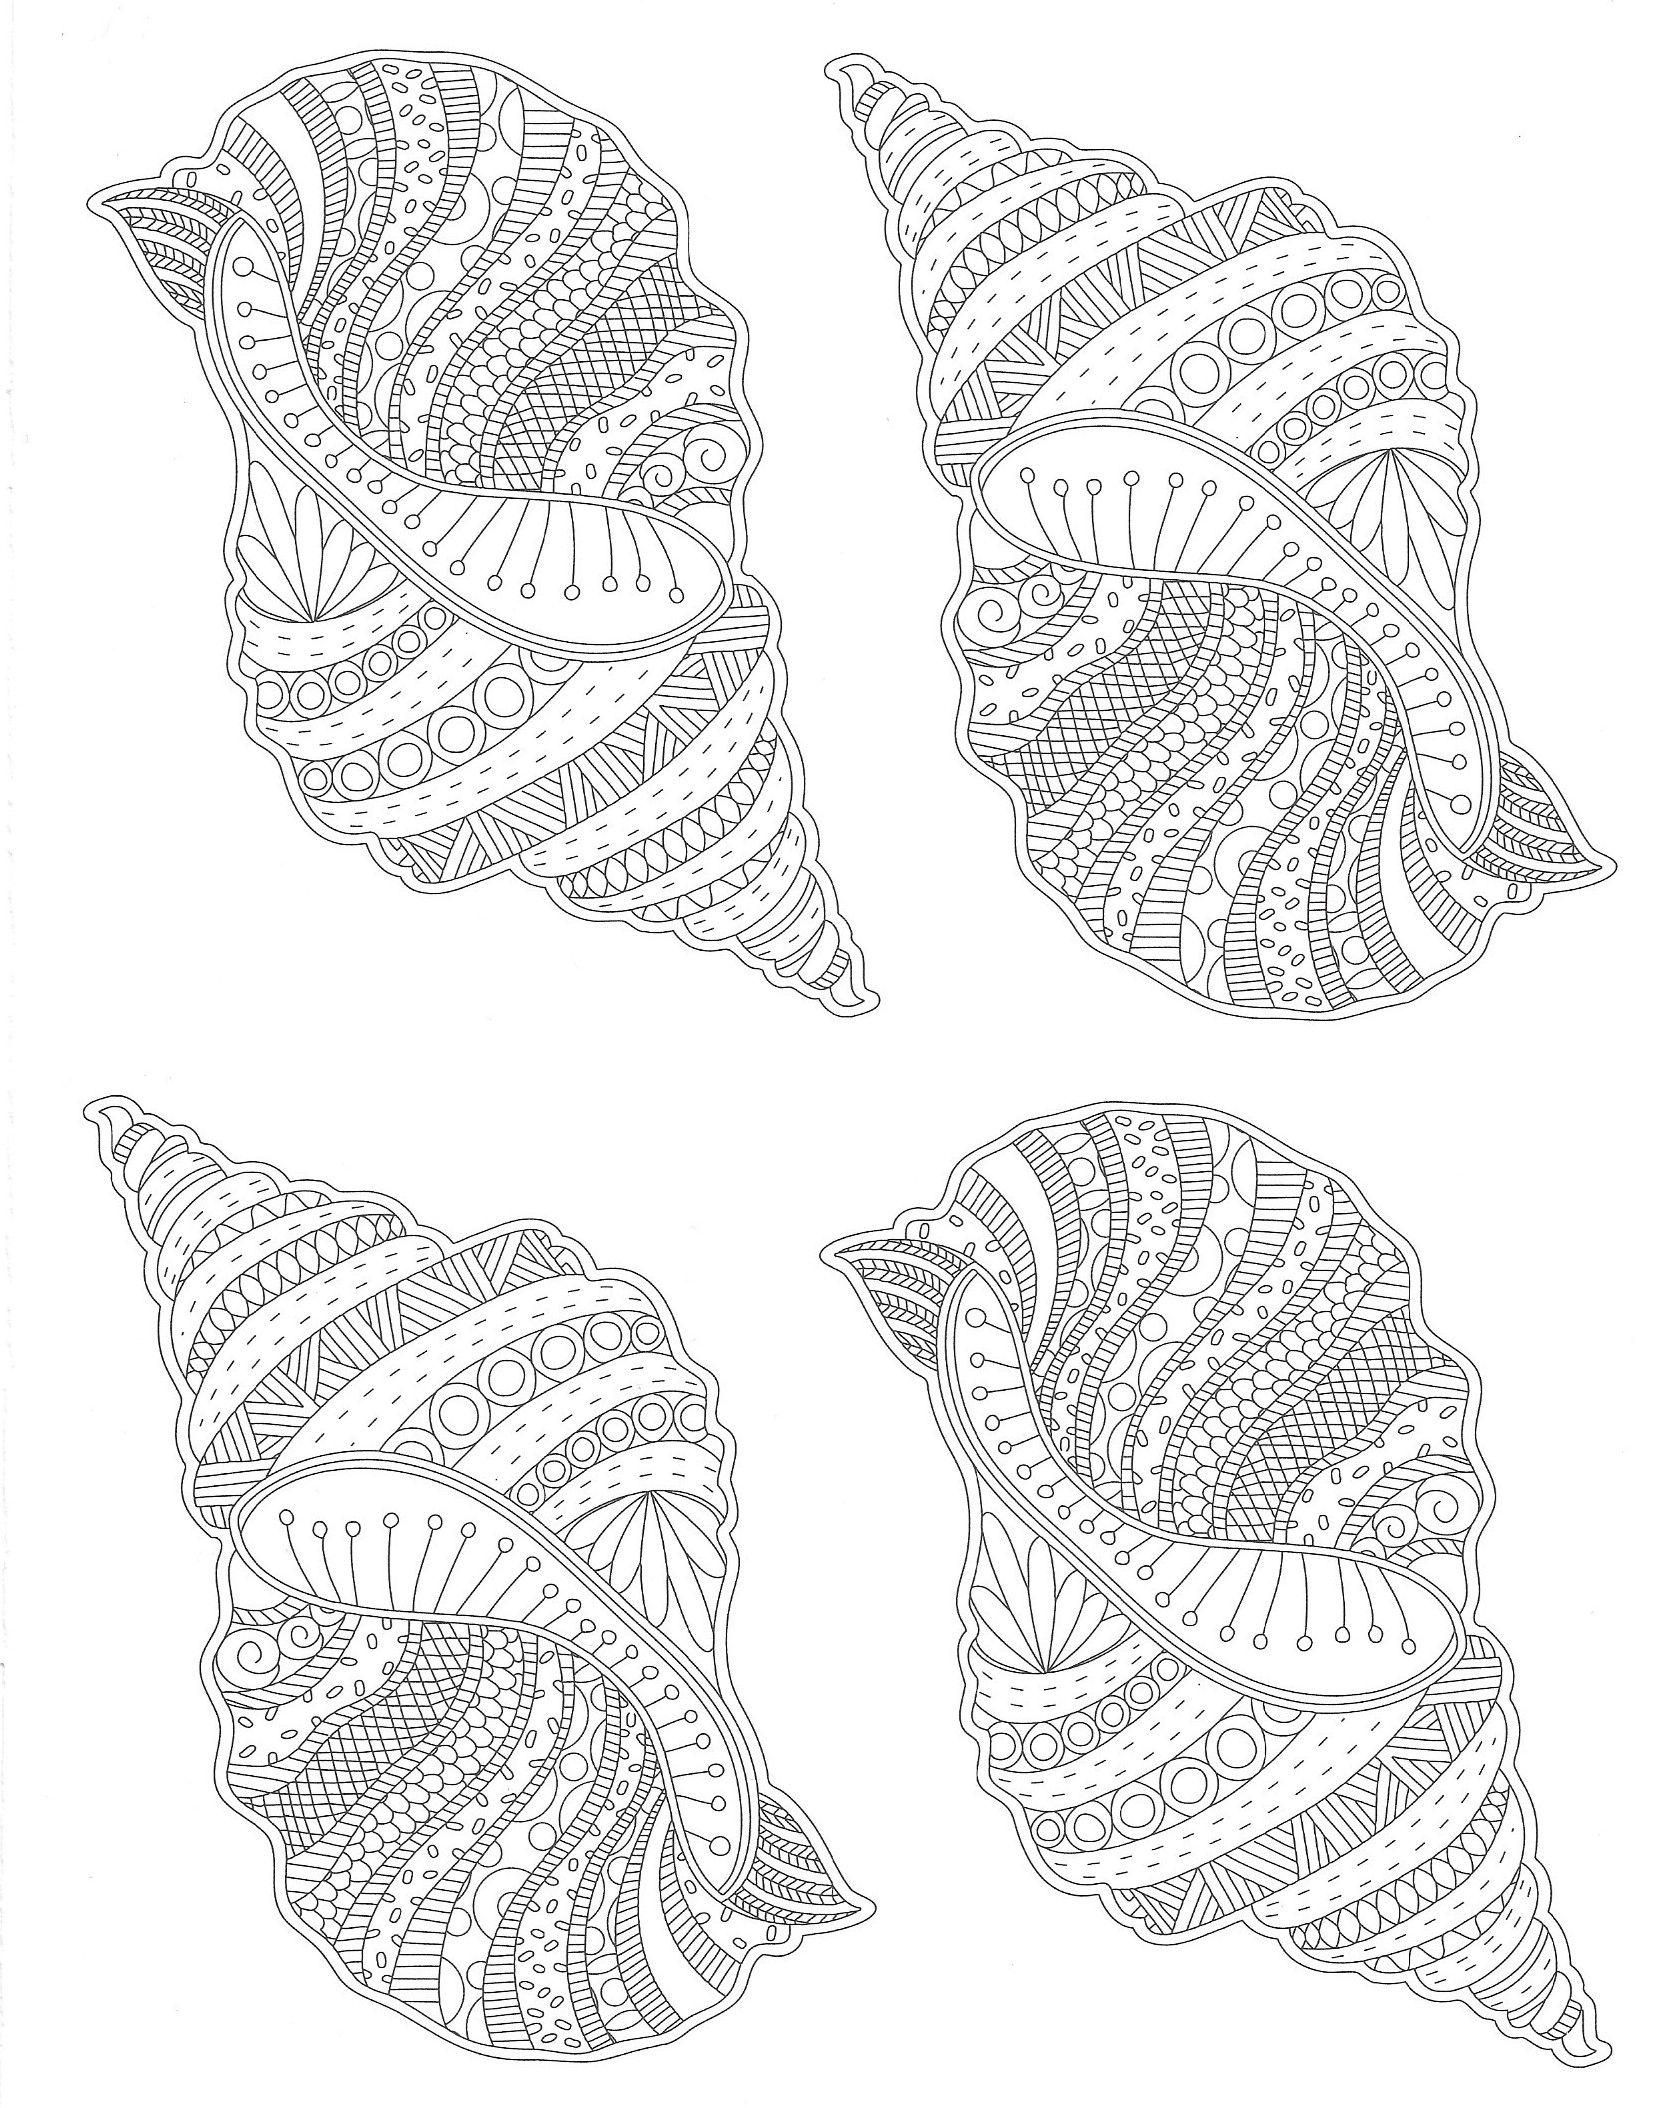 Muscheln Strand | Malvorlagen - Coloring Pages | Pinterest